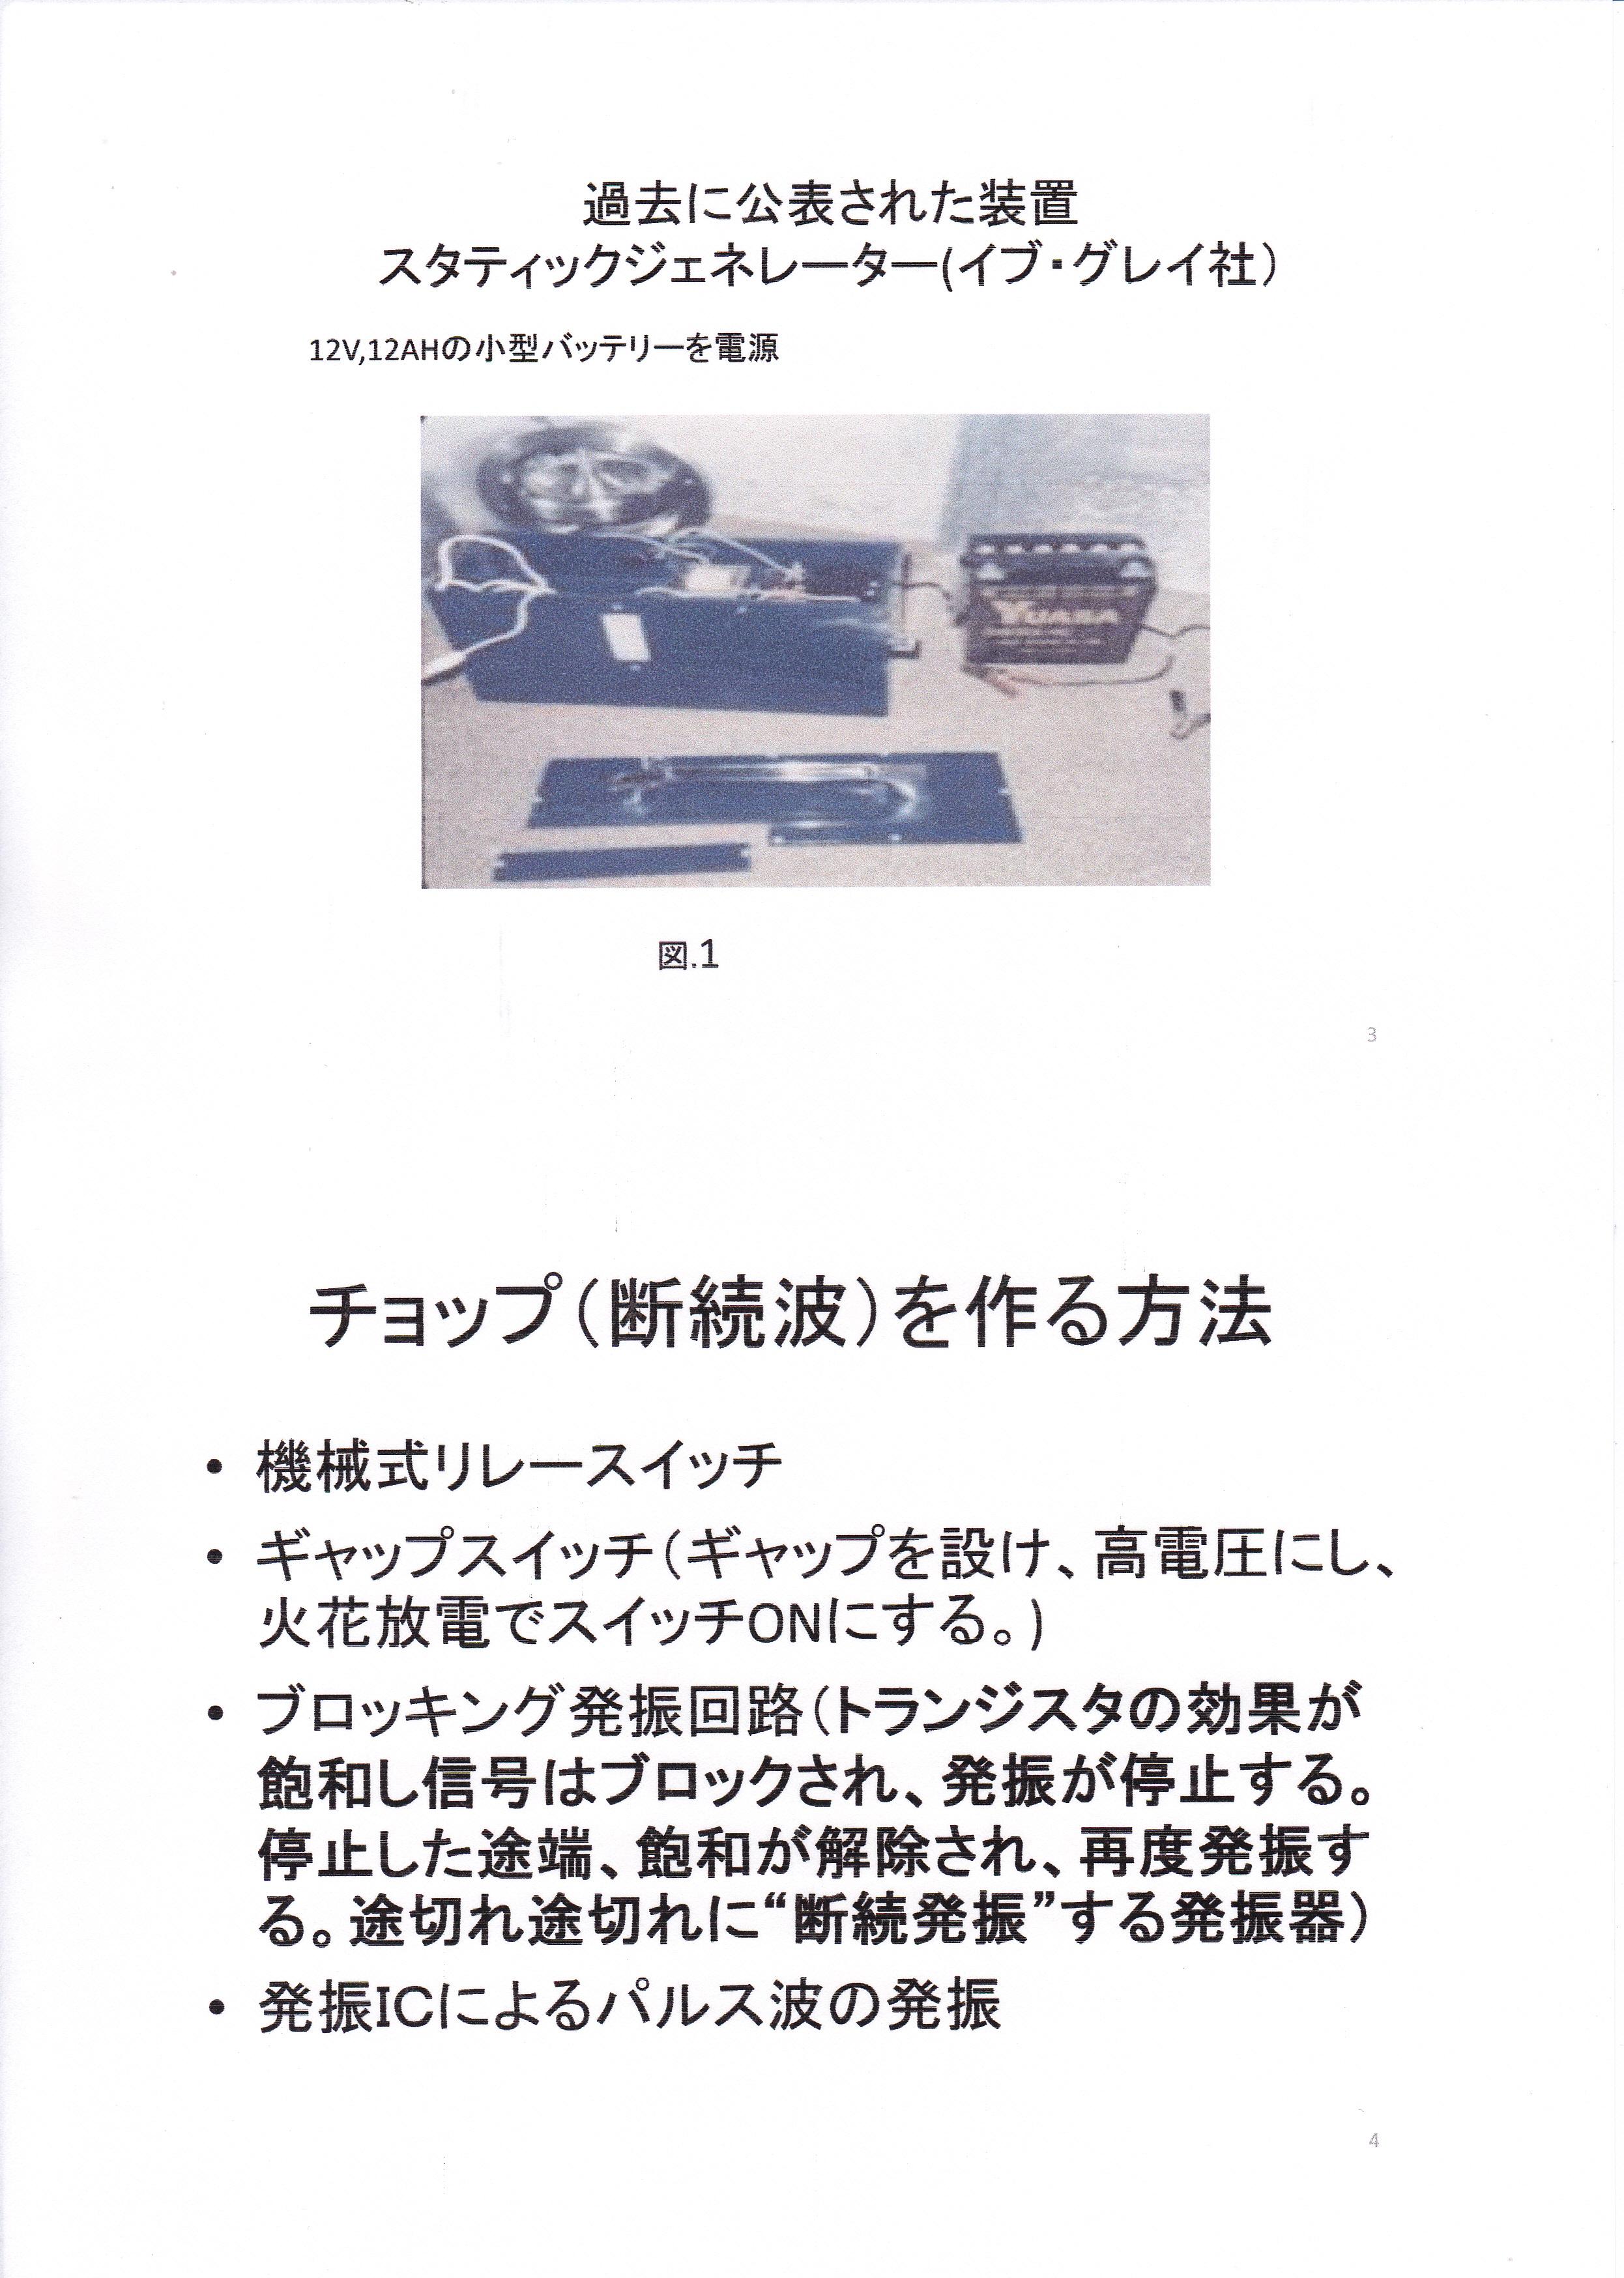 静止型発電機の基礎研究01-2